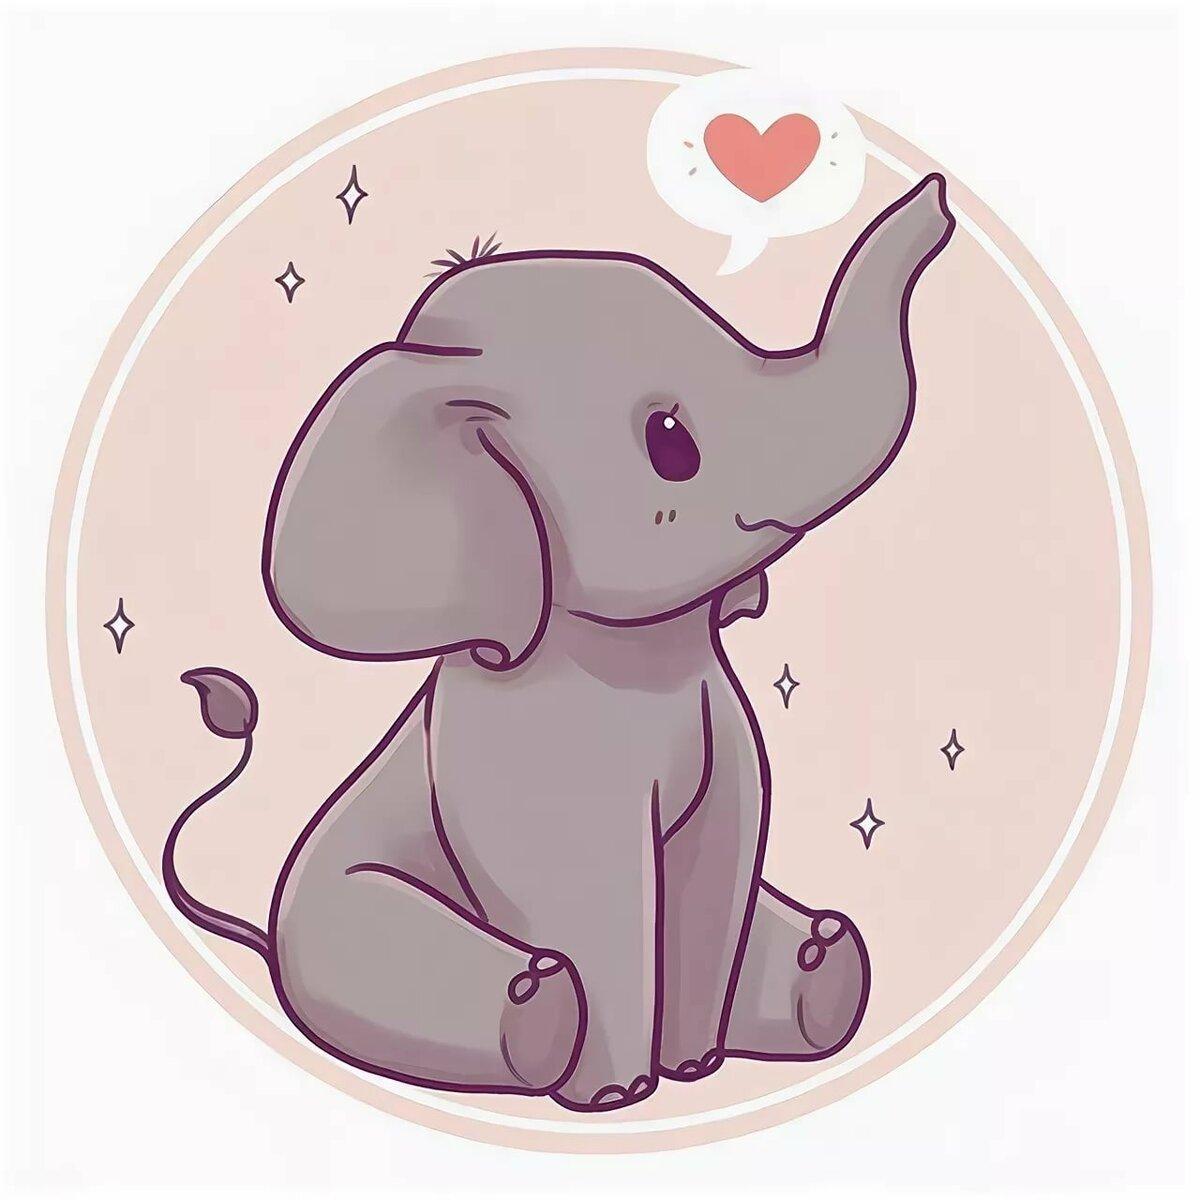 картинка милого слона съдобный мужской букет